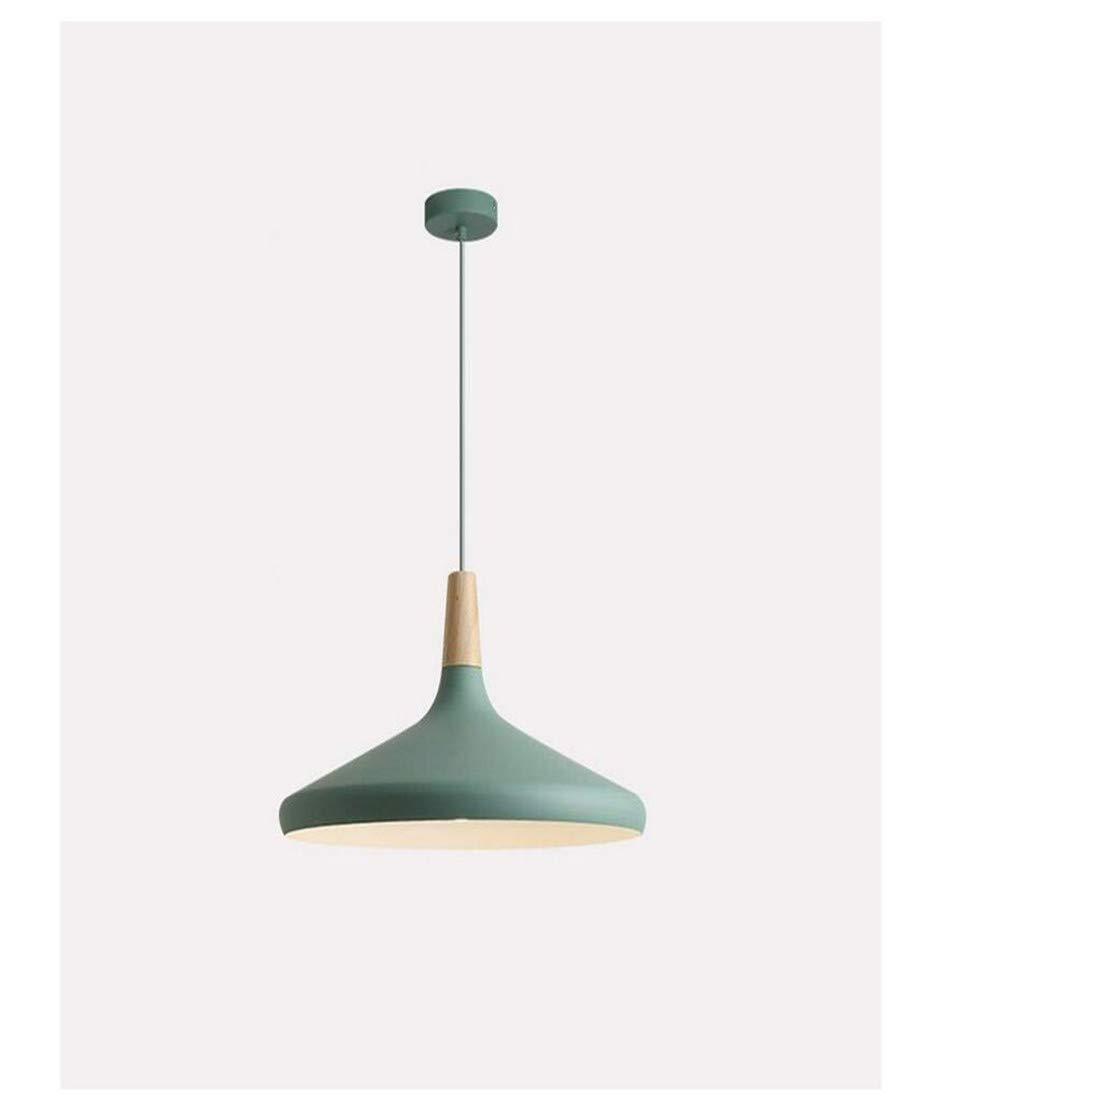 incl Douille porcelaine C/éramique Haute Qualit/é, /émaill/ée par exemple pour suspension de luminaire jusqu/'/à 100 W couleur: blanc pour ampoules//LED avec filetage E27 d/écharge de traction